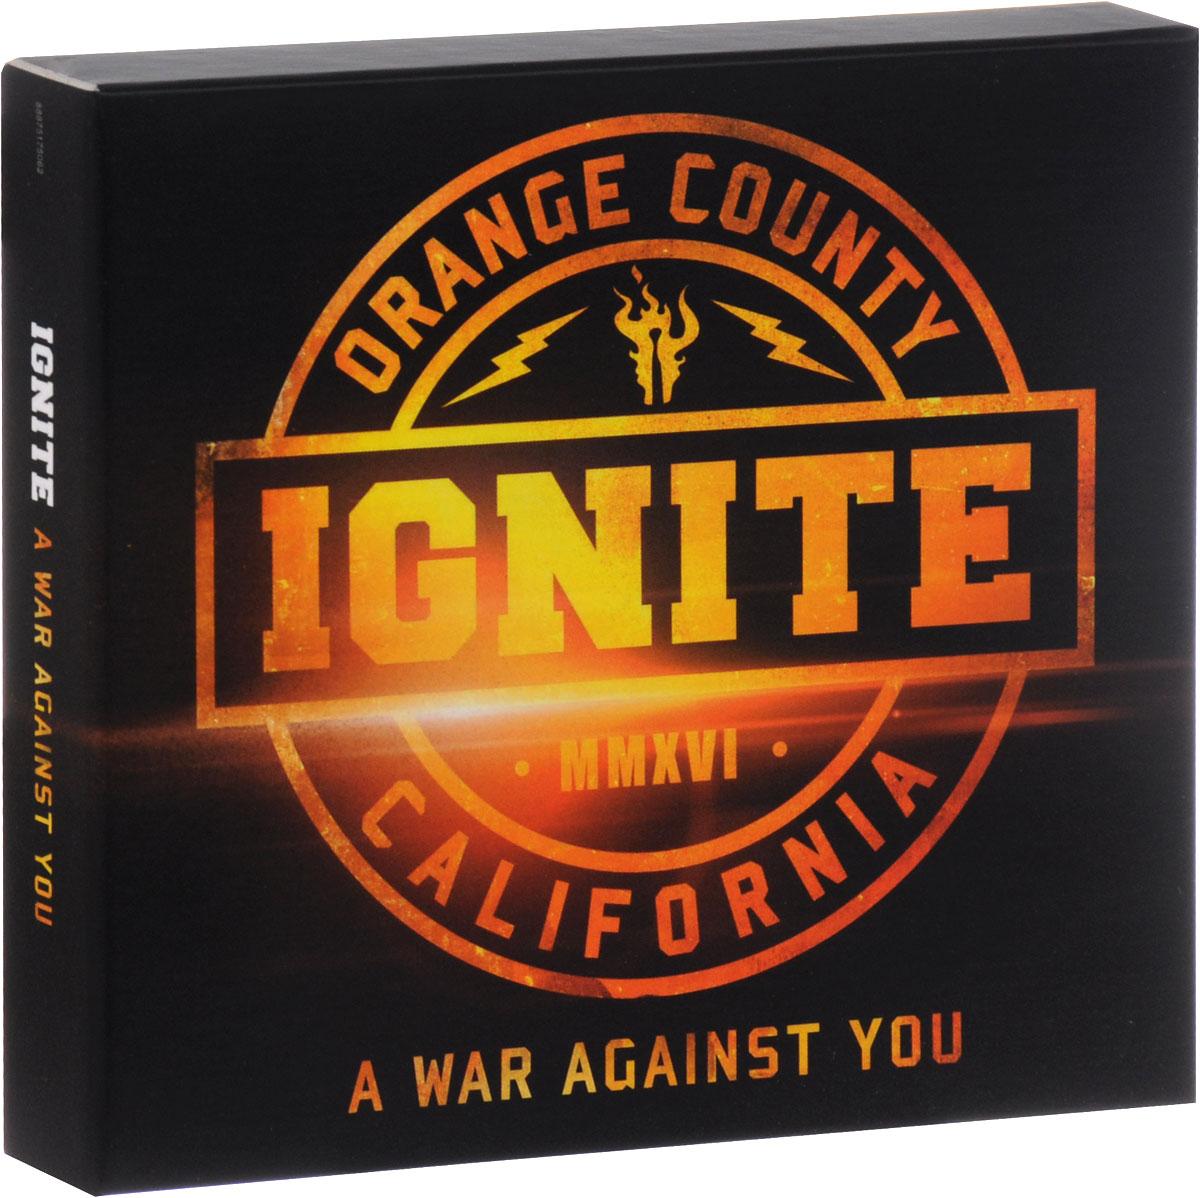 Ignite Ignite. A War Against You